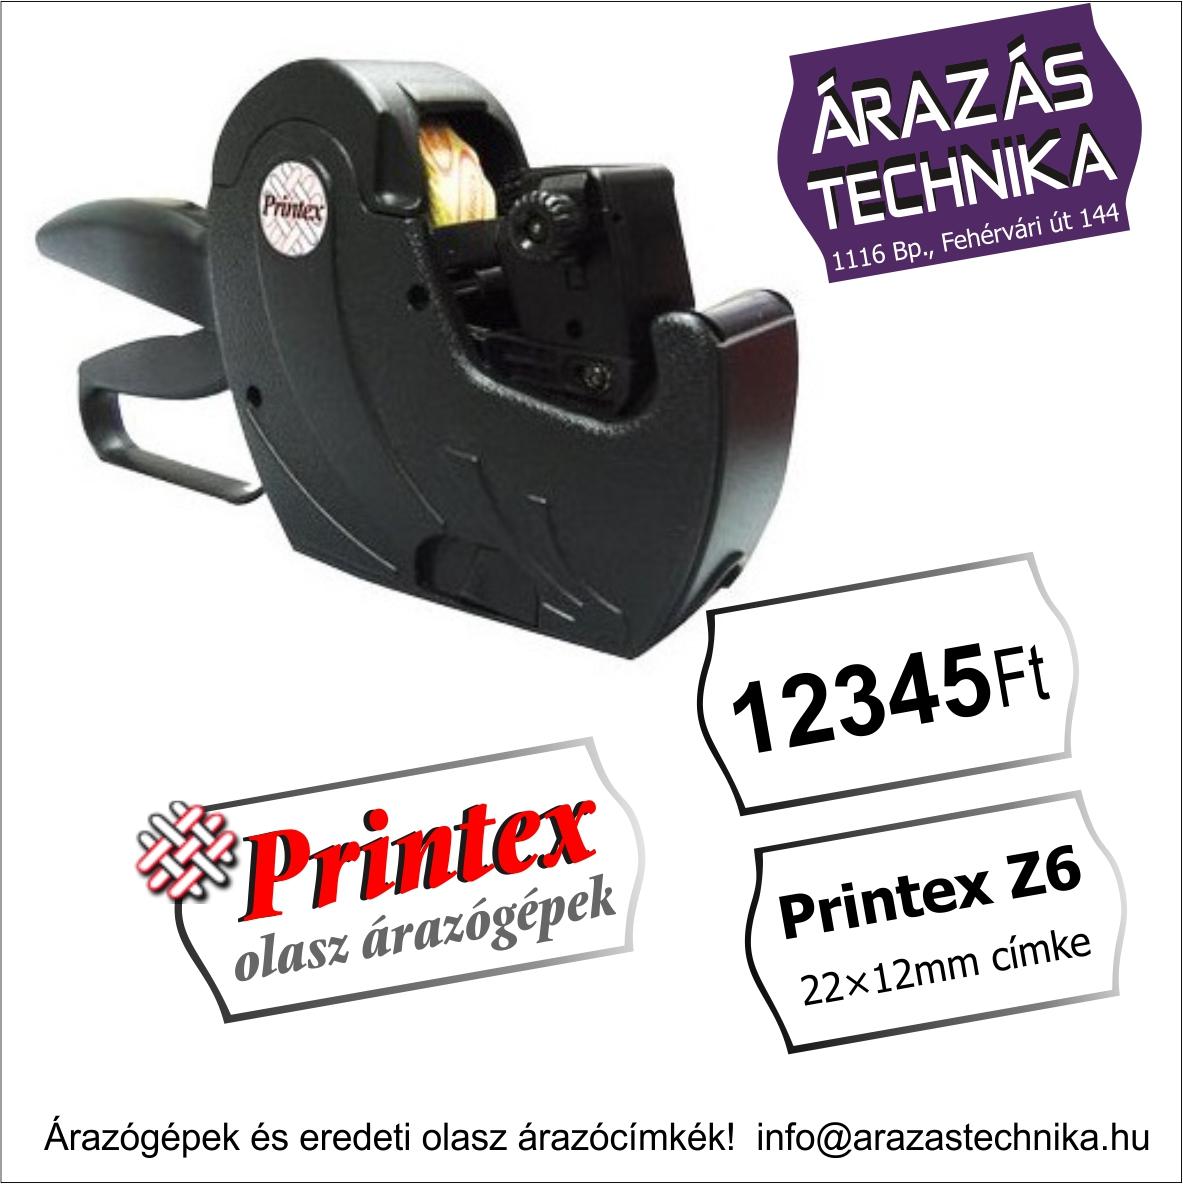 Printex Z6 árazógép